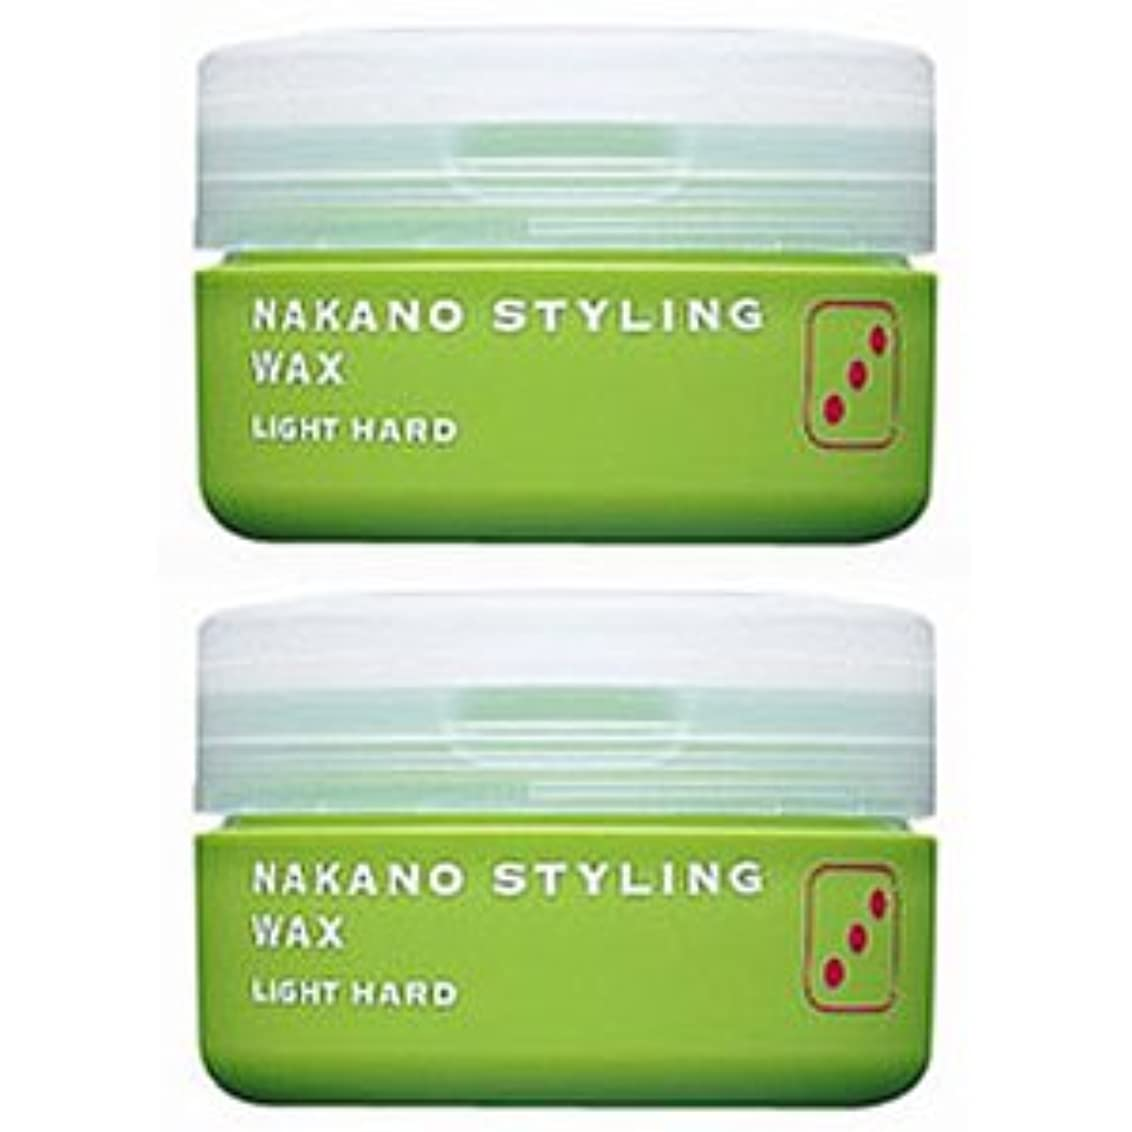 タブレット植生枯渇する【X2個セット】 ナカノ スタイリング ワックス 3 ライトハード 90g